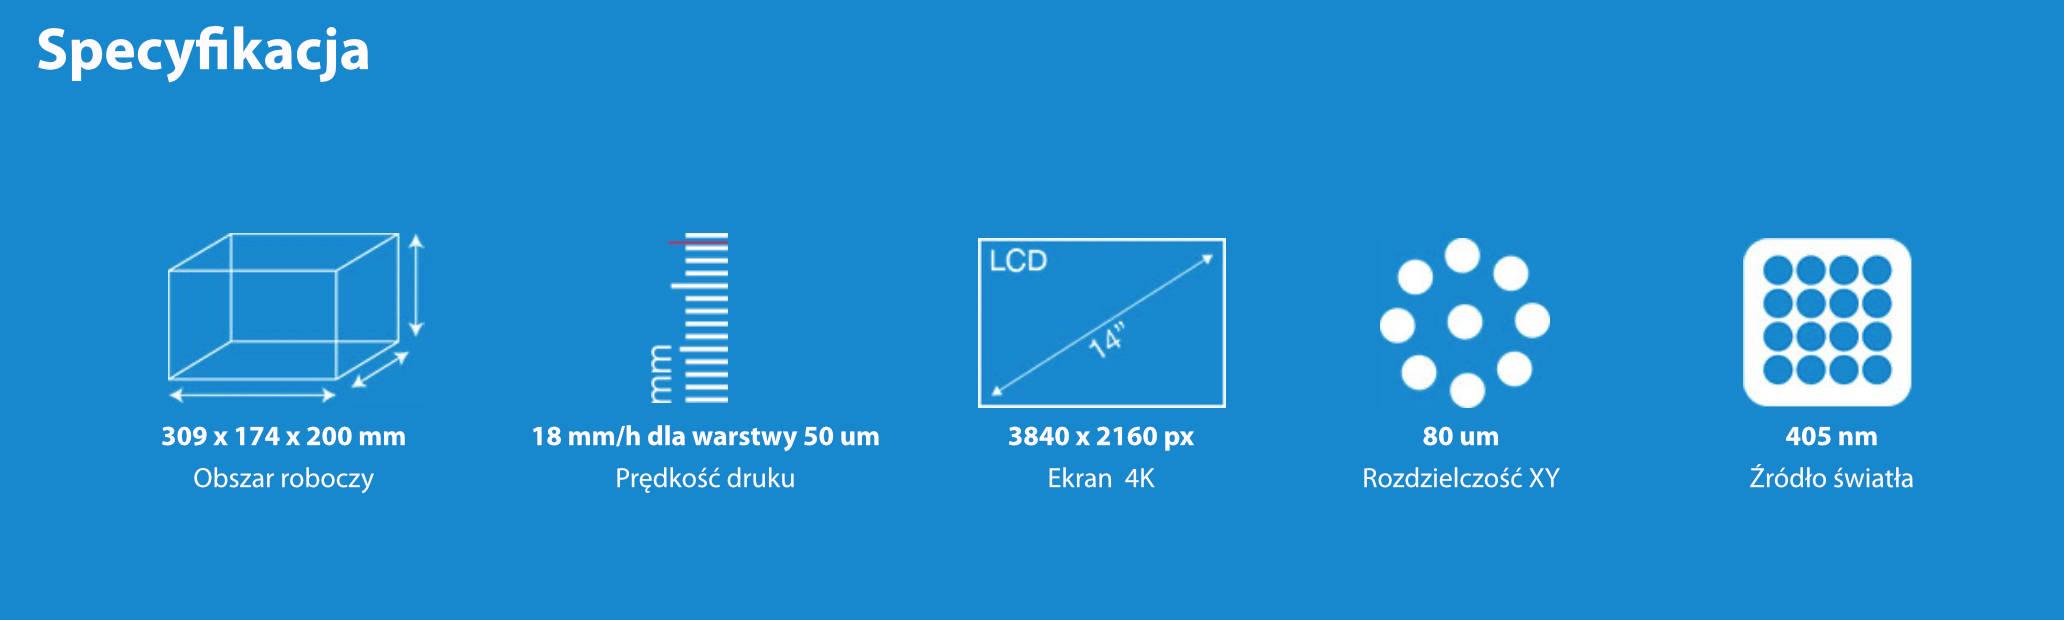 LCDental_specyfikacja